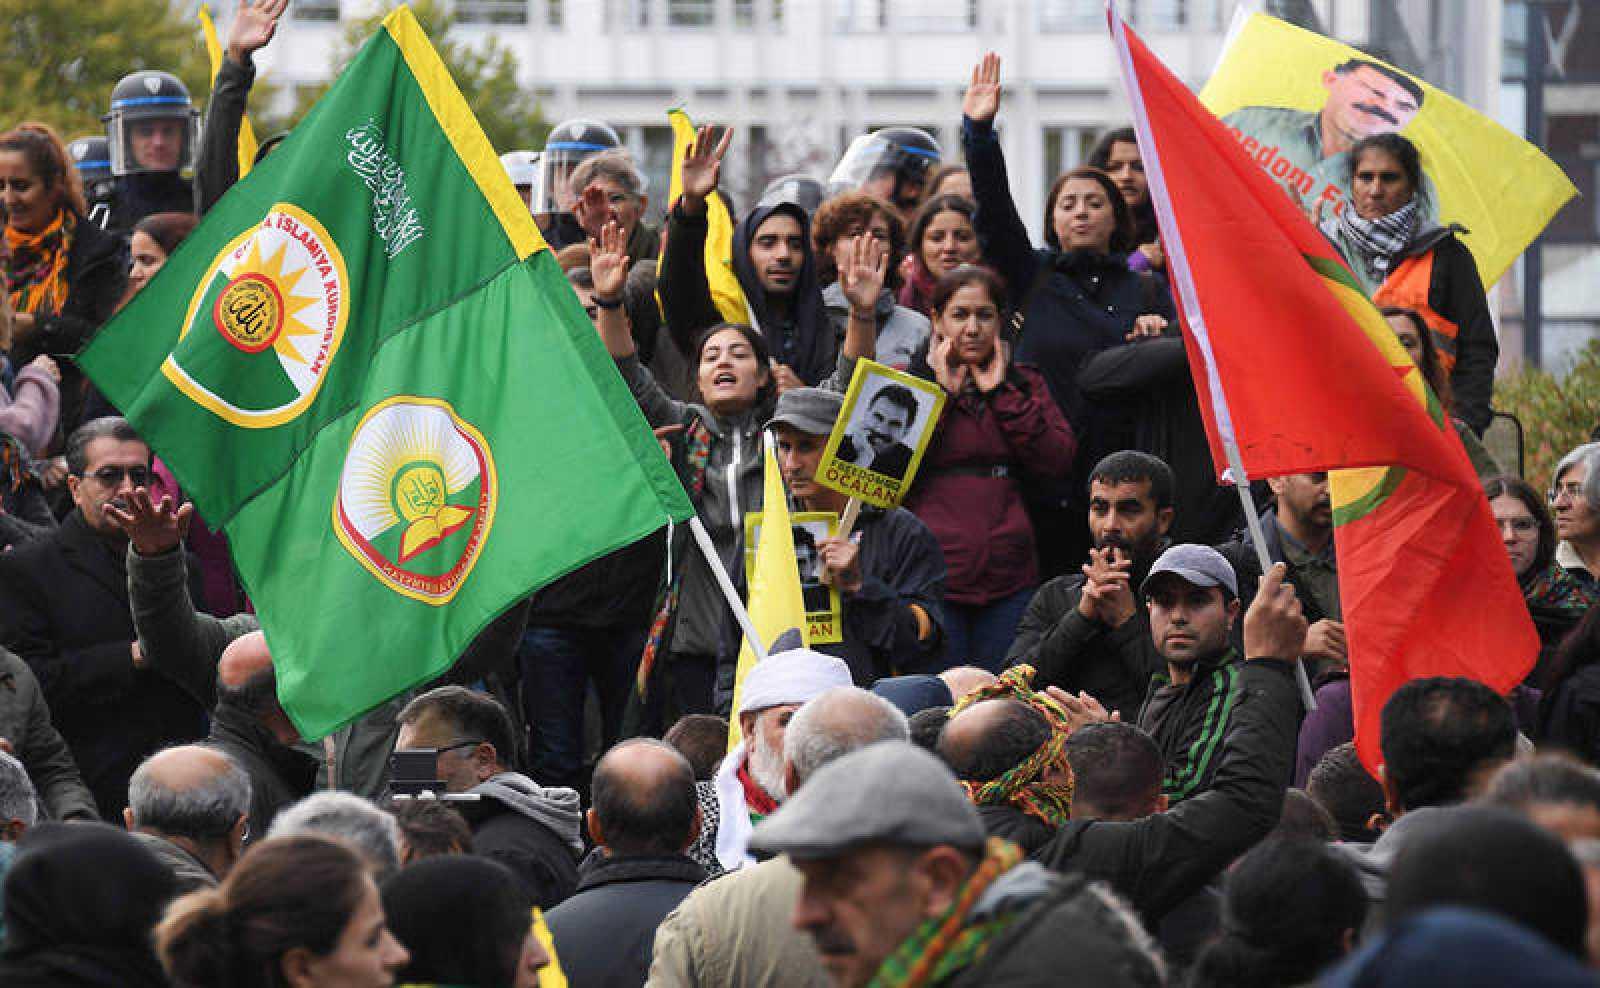 Los manifestantes kurdos agitan banderas y retratos del líder kurdo Abdullah Ocalan frente al Consejo de Europa en Estrasburgo, en el noreste de Francia, para protestar contra la acción militar de Turquía